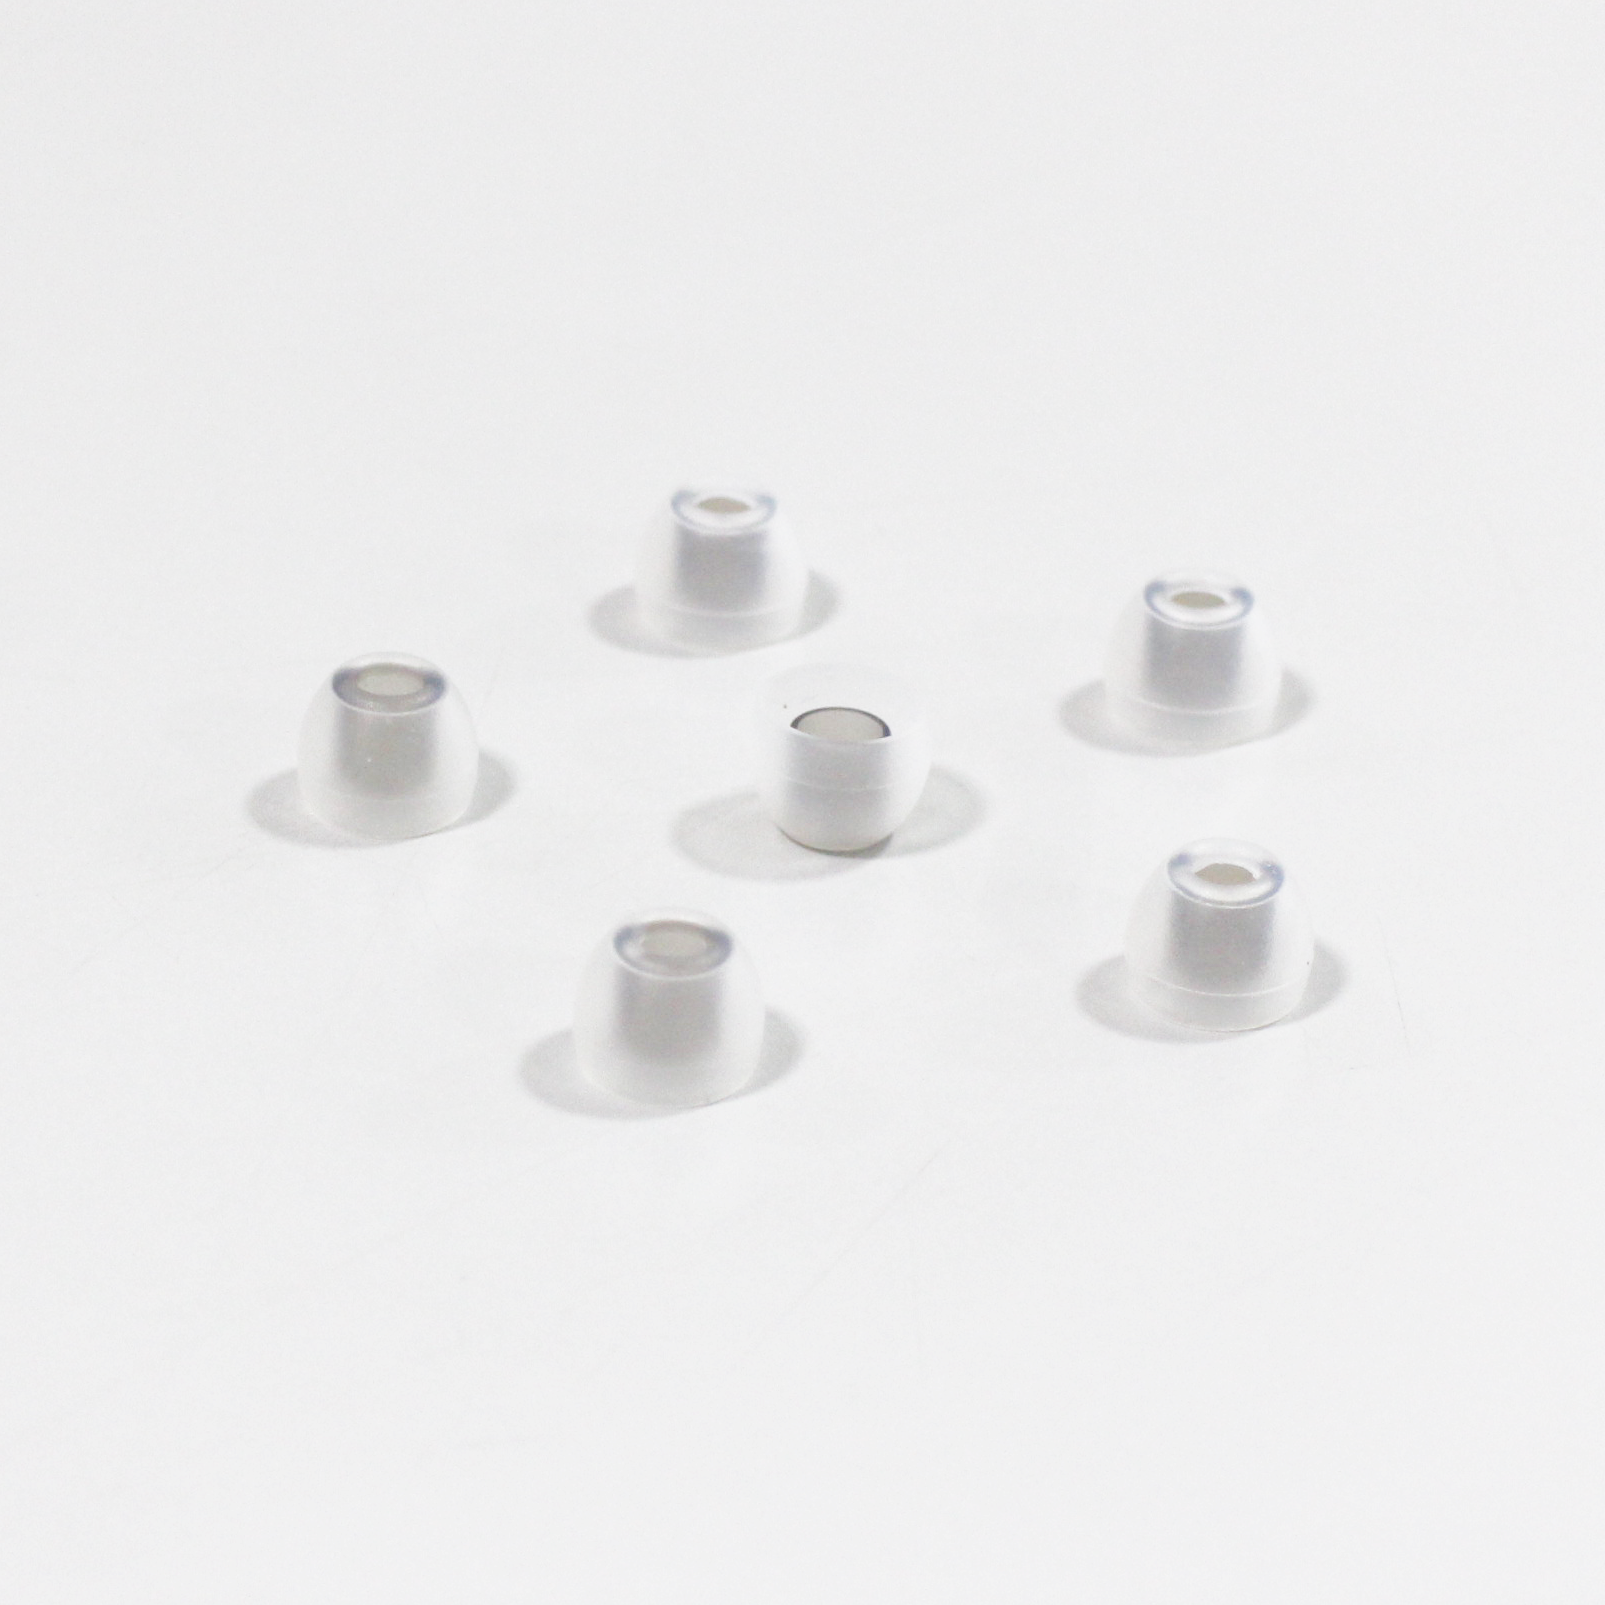 AKG K3003/K3003i Ear tips